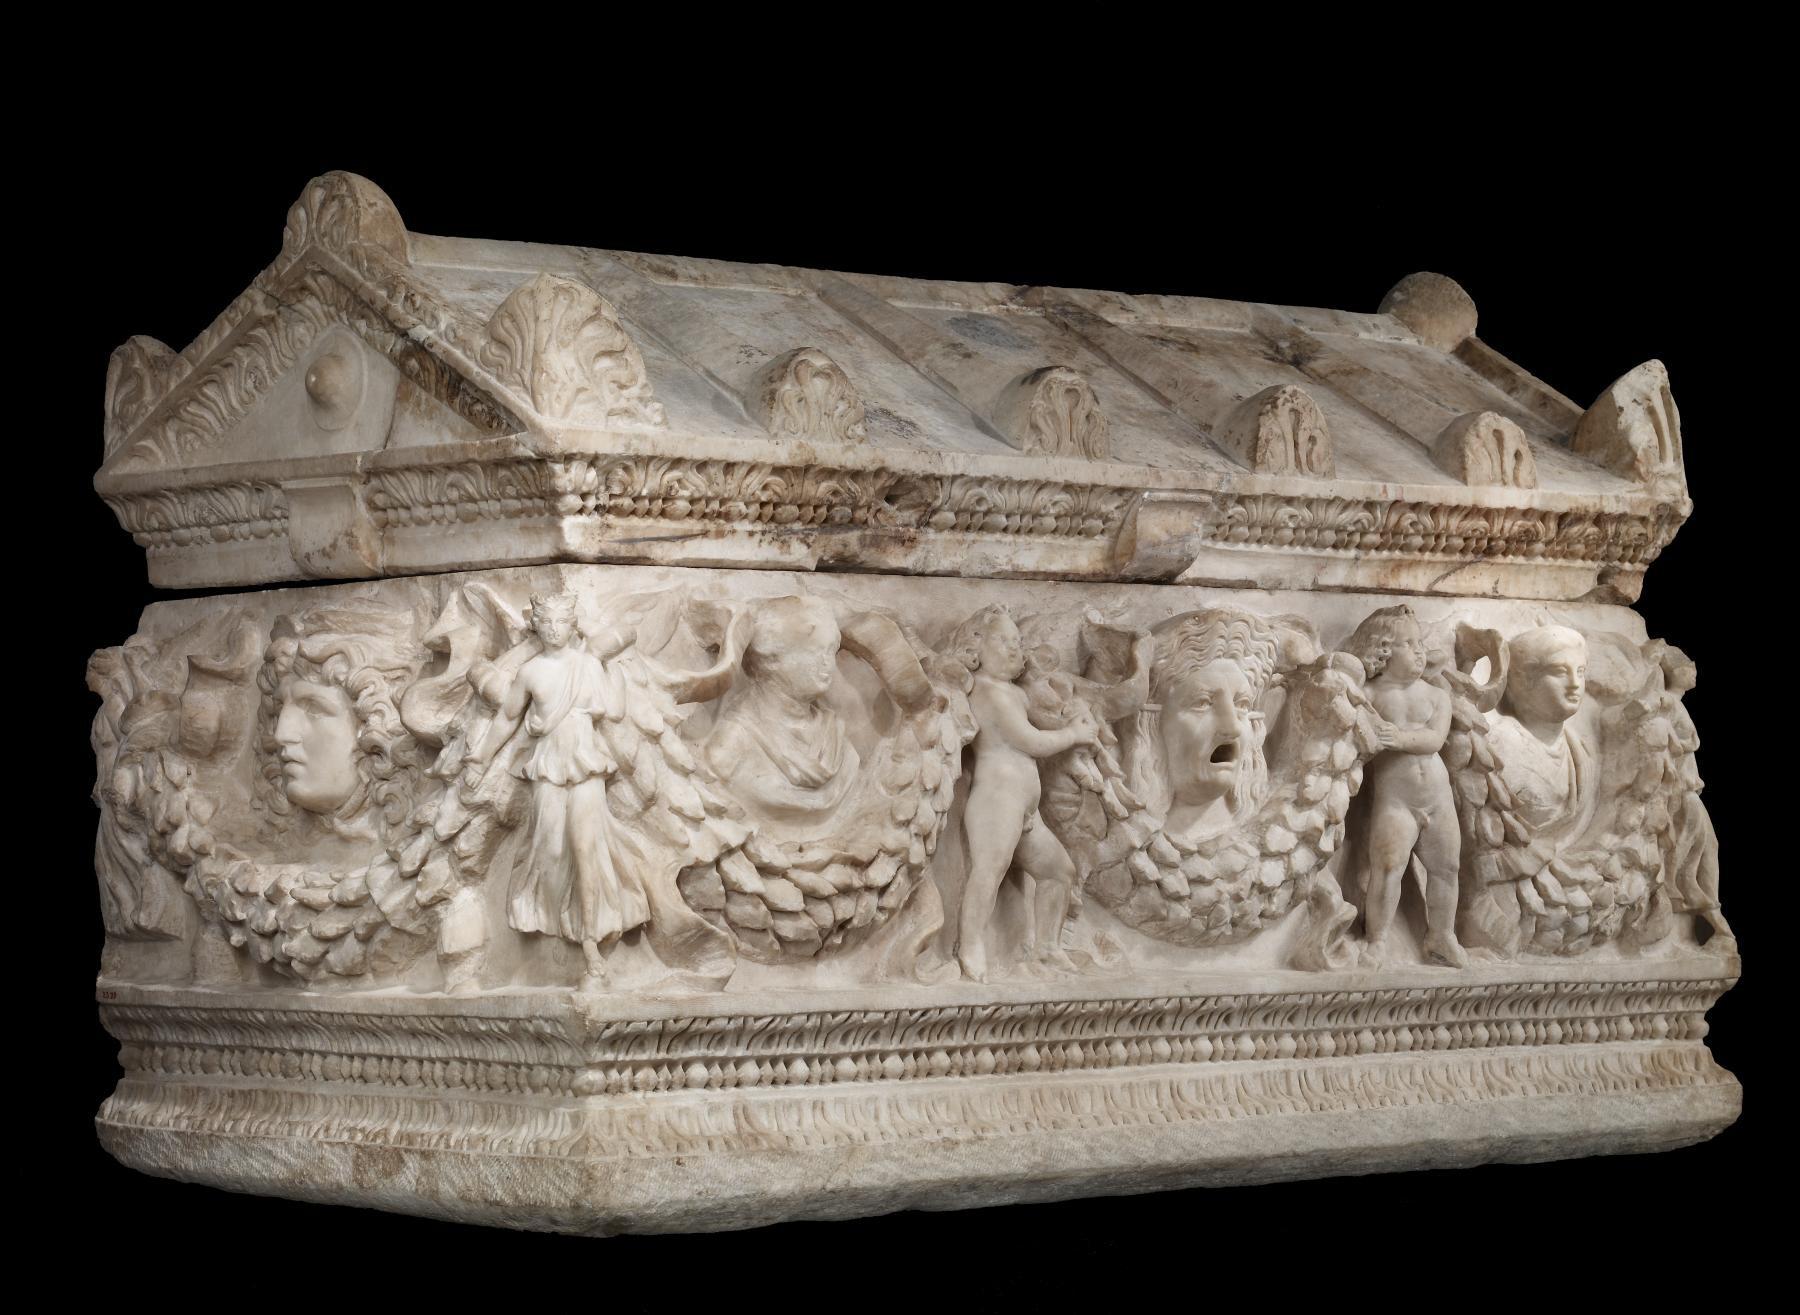 ガーランド 棺 フェスツーン